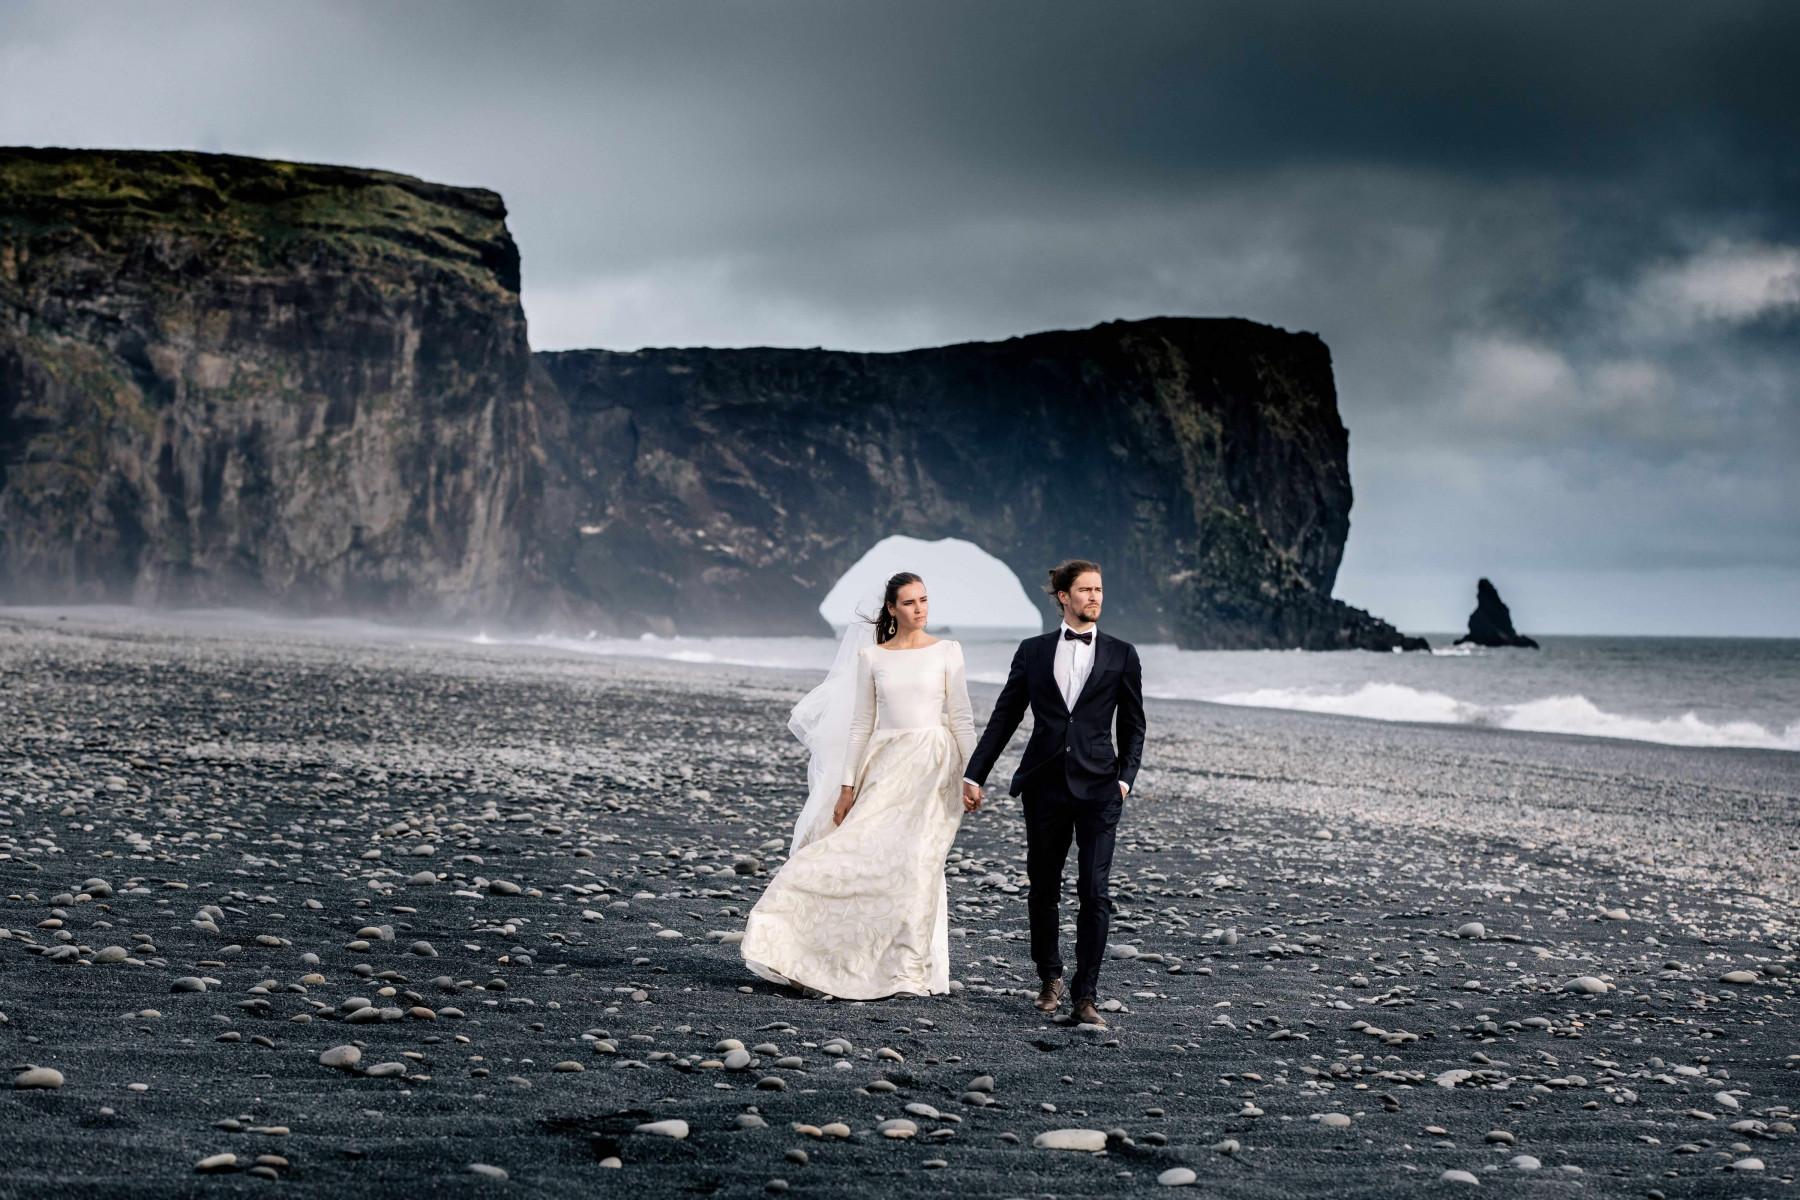 Мила Тоболенко: интервью о фотографиях, невестах и